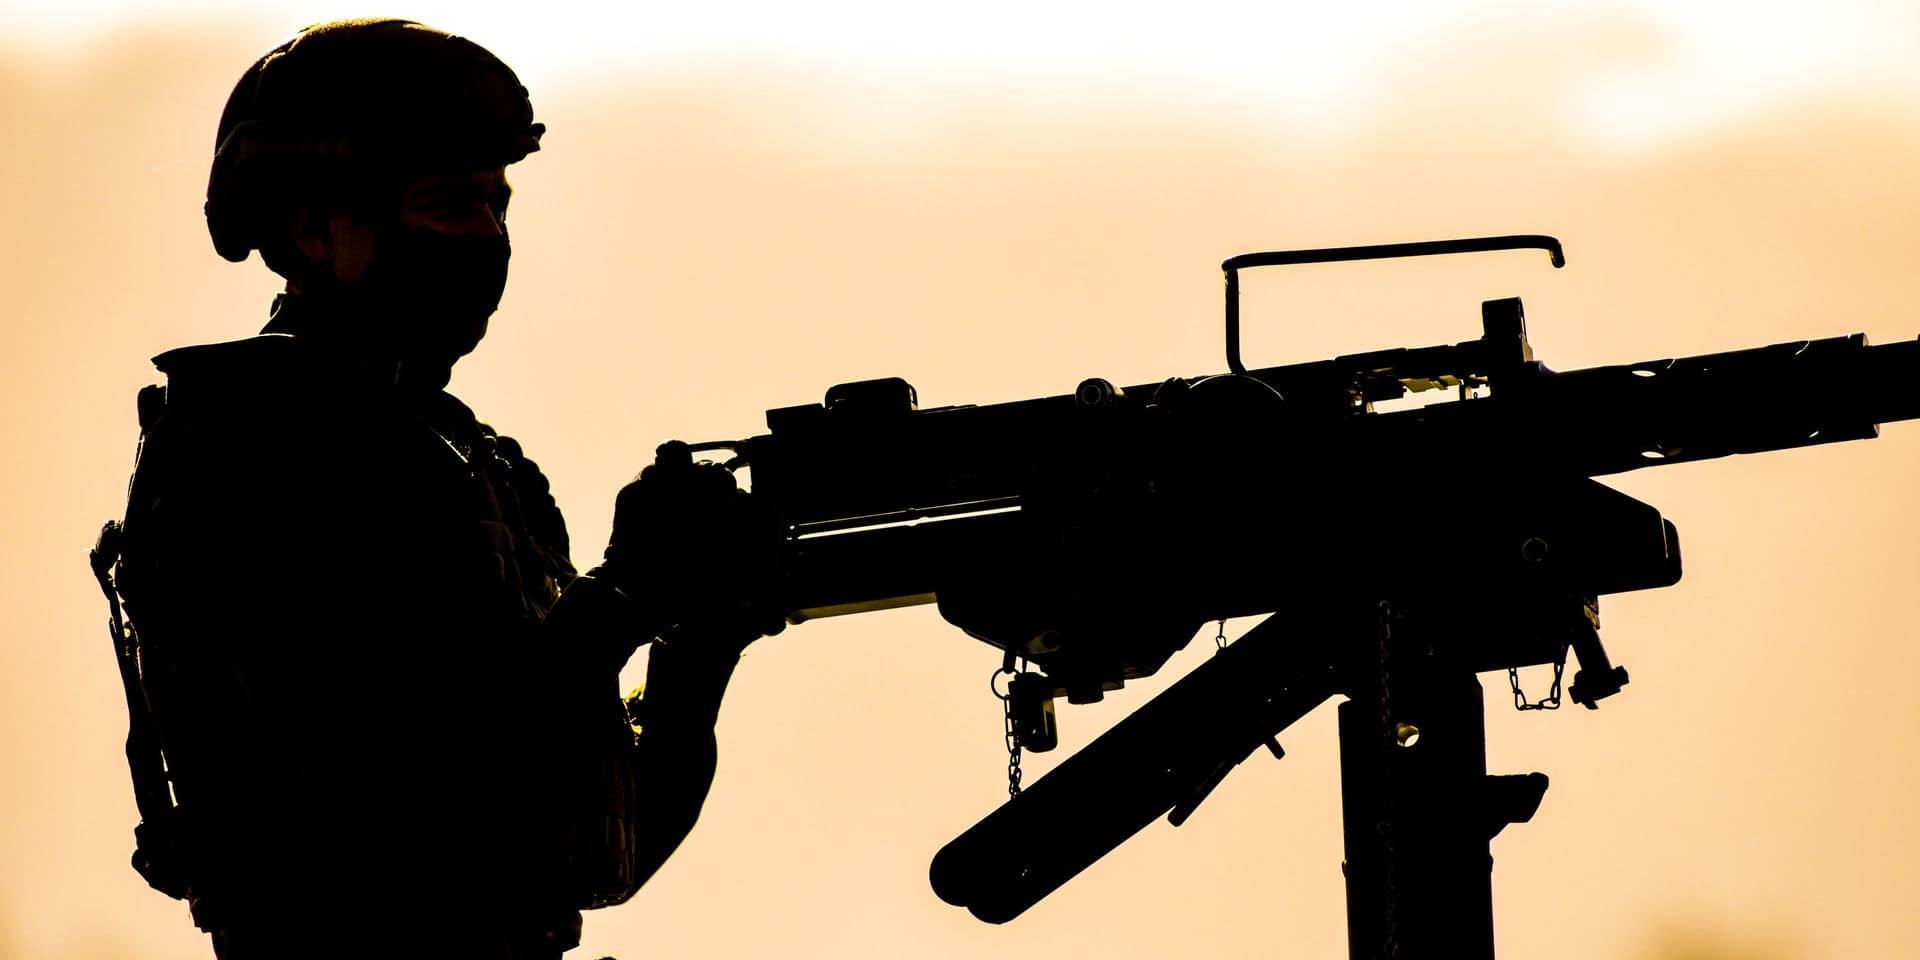 Chasse à l'homme en Flandre: un militaire en mission à l'étranger rappelé